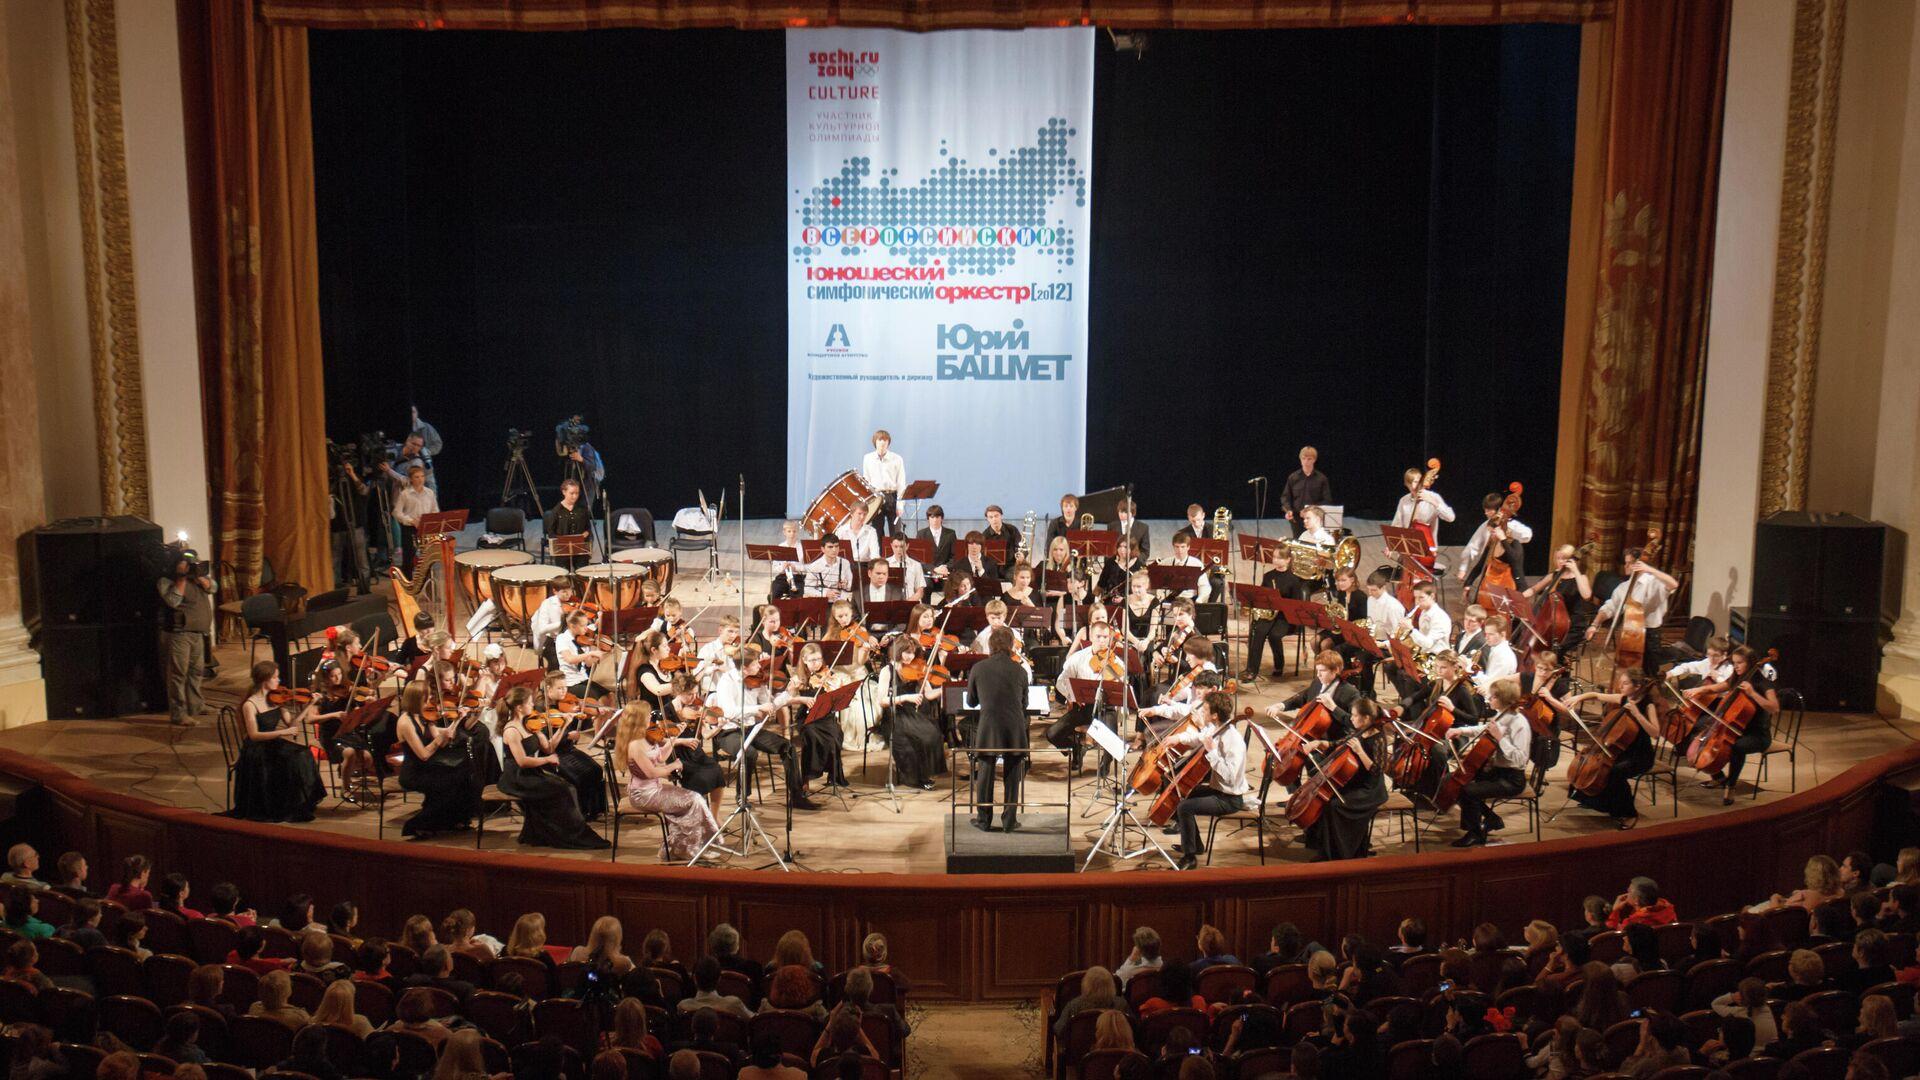 Гала-концерт Всероссийского юношеского оркестра под руководством Юрия Башмета в Сочи - РИА Новости, 1920, 26.09.2020